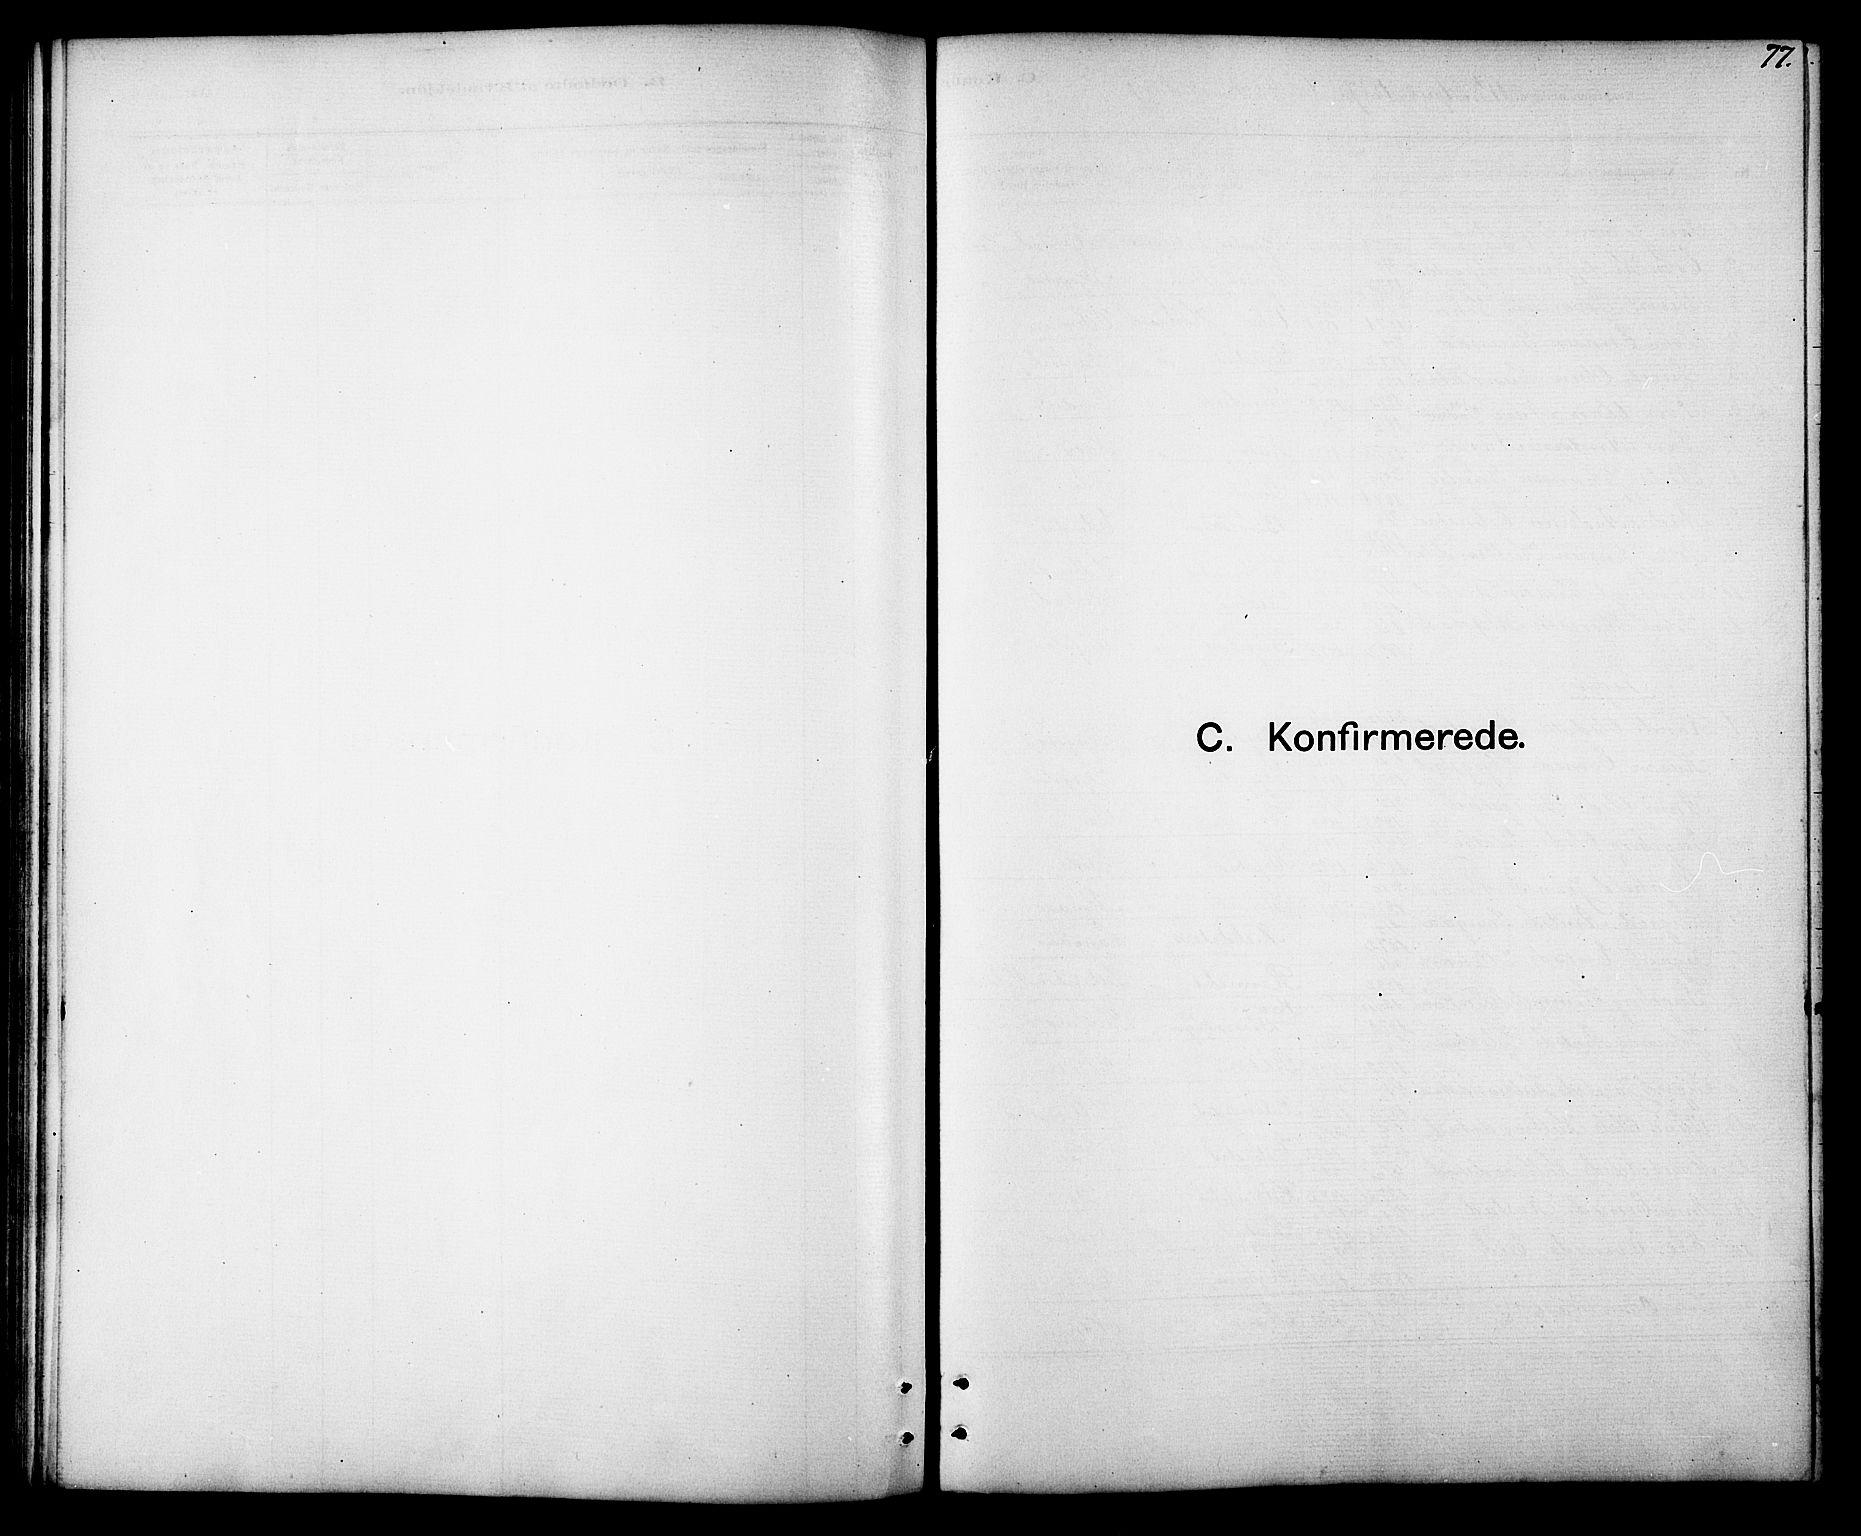 SAT, Ministerialprotokoller, klokkerbøker og fødselsregistre - Sør-Trøndelag, 694/L1132: Klokkerbok nr. 694C04, 1887-1914, s. 77